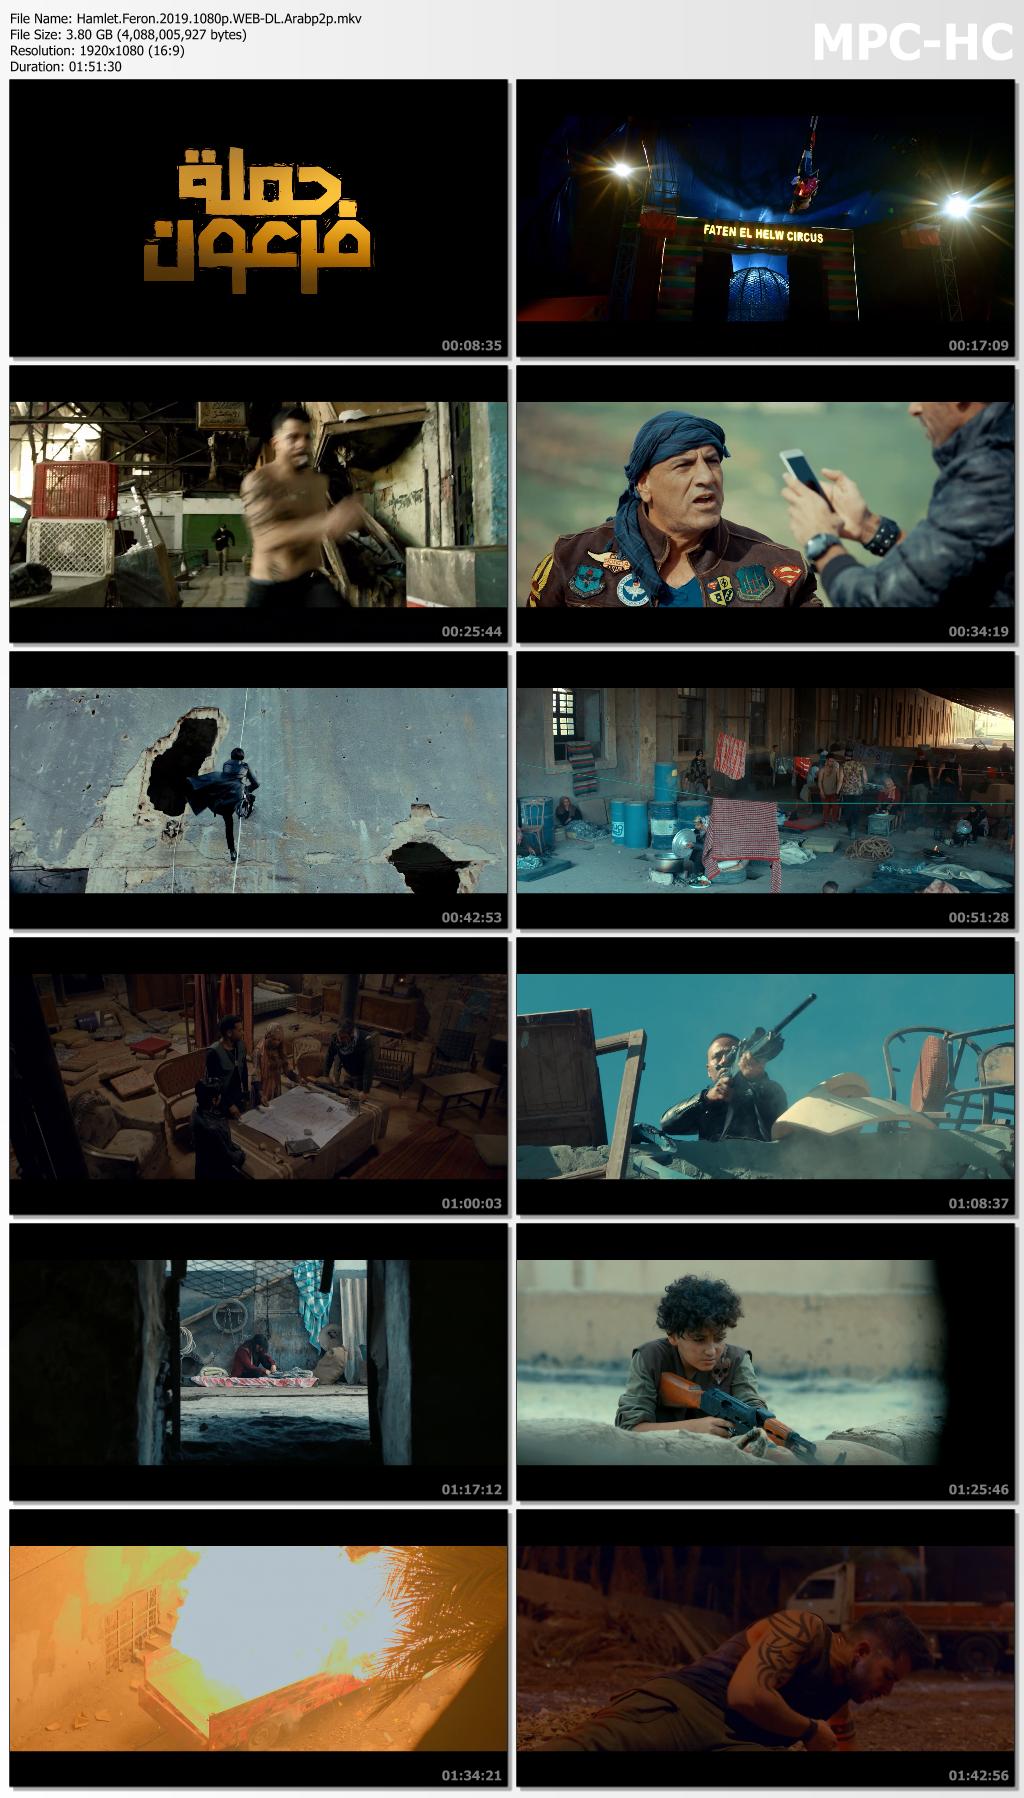 [فيلم][تورنت][تحميل][حملة فرعون][2019][1080p][Web-DL] 9 arabp2p.com